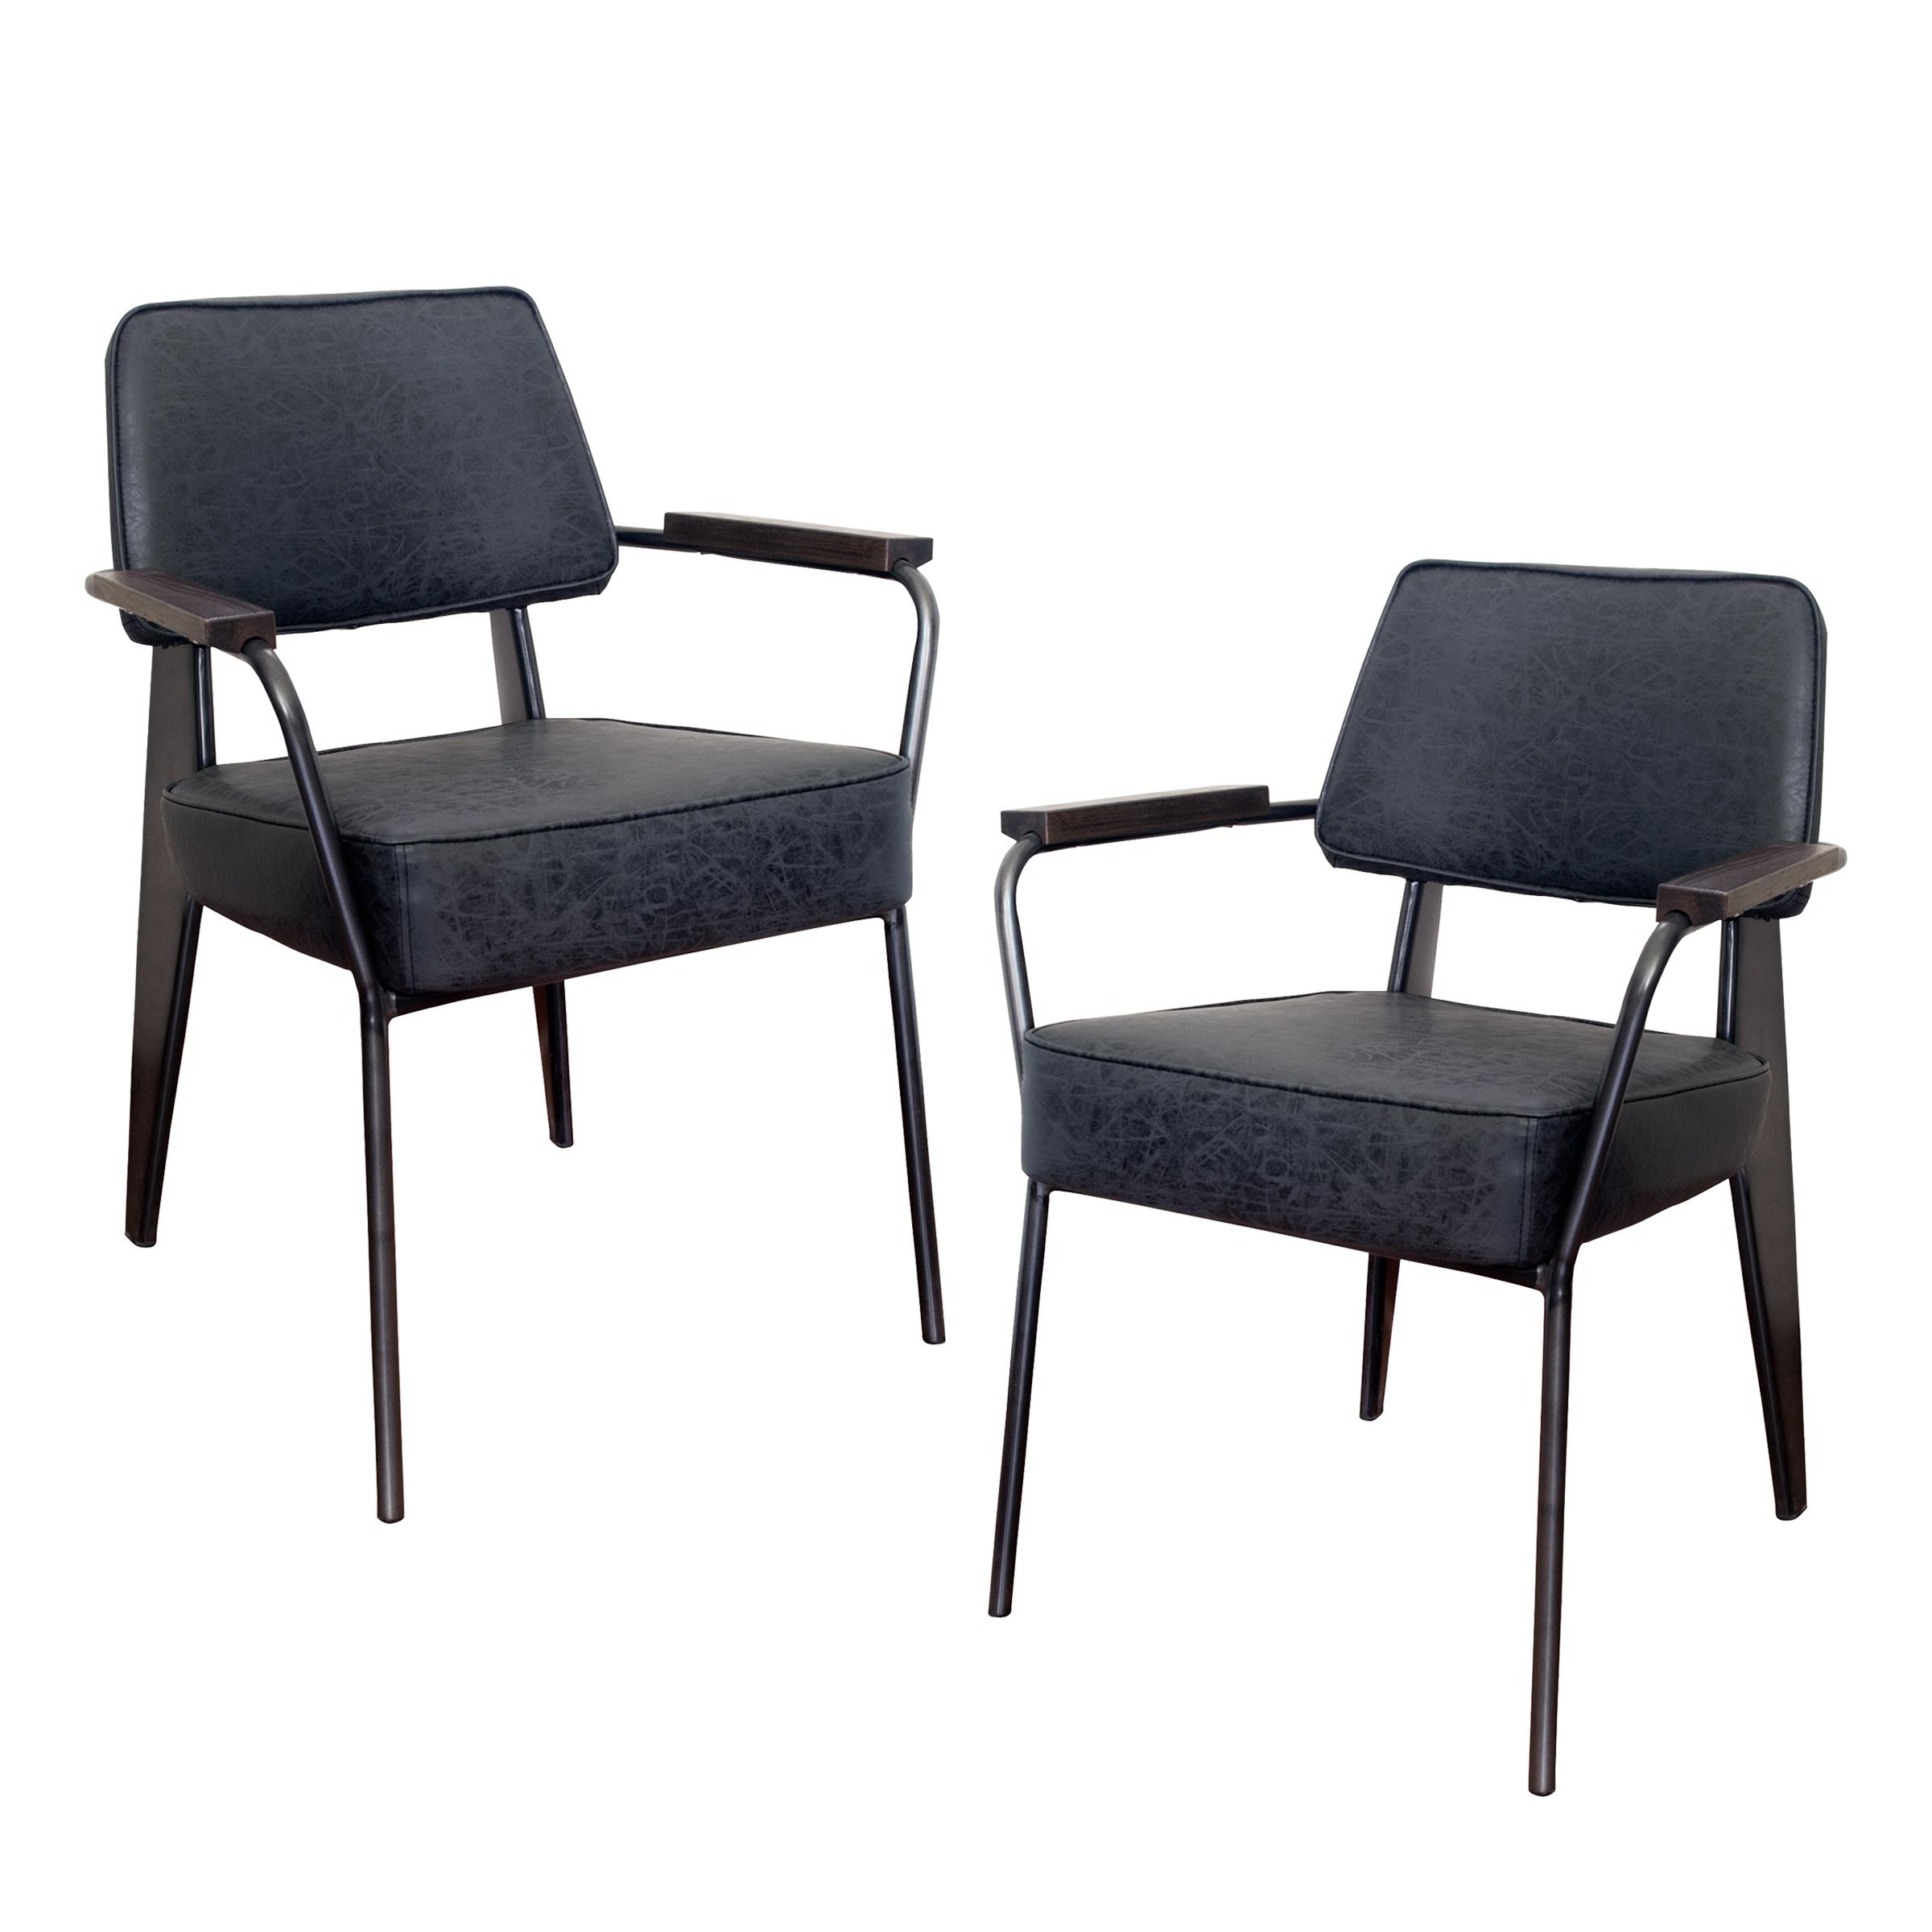 Fauteuil Direction Accent Chair - 2 Piece Set -  Black